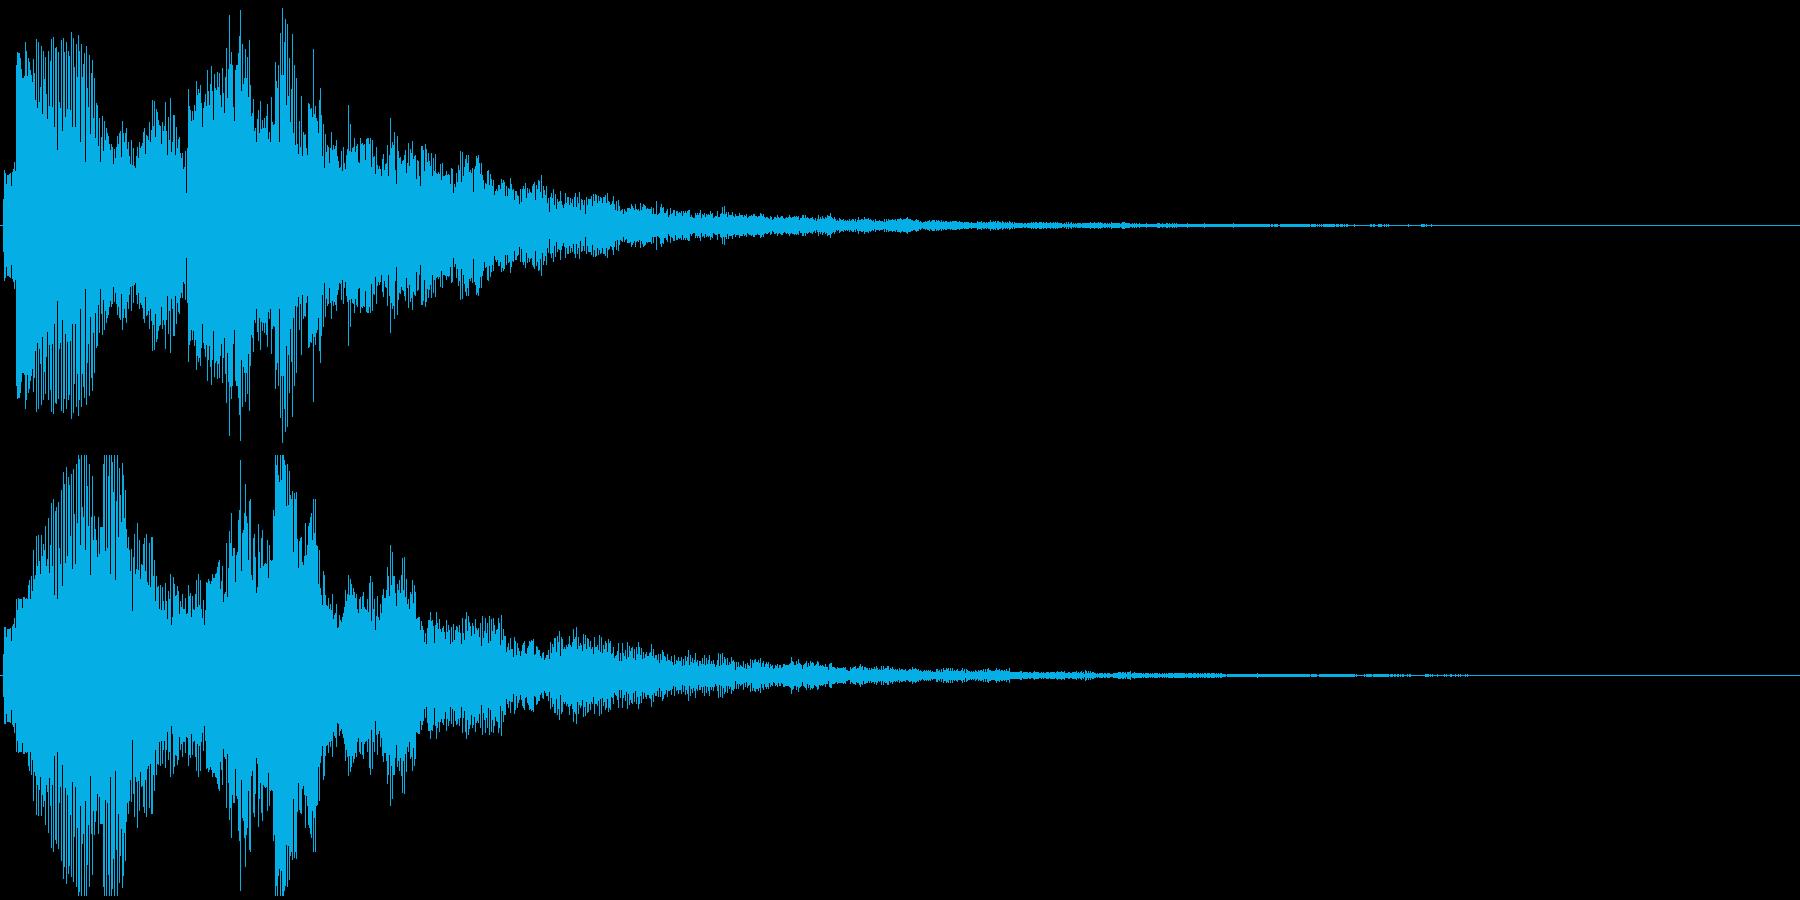 ジングル(ちょっと嬉しい・レアアイテム)の再生済みの波形